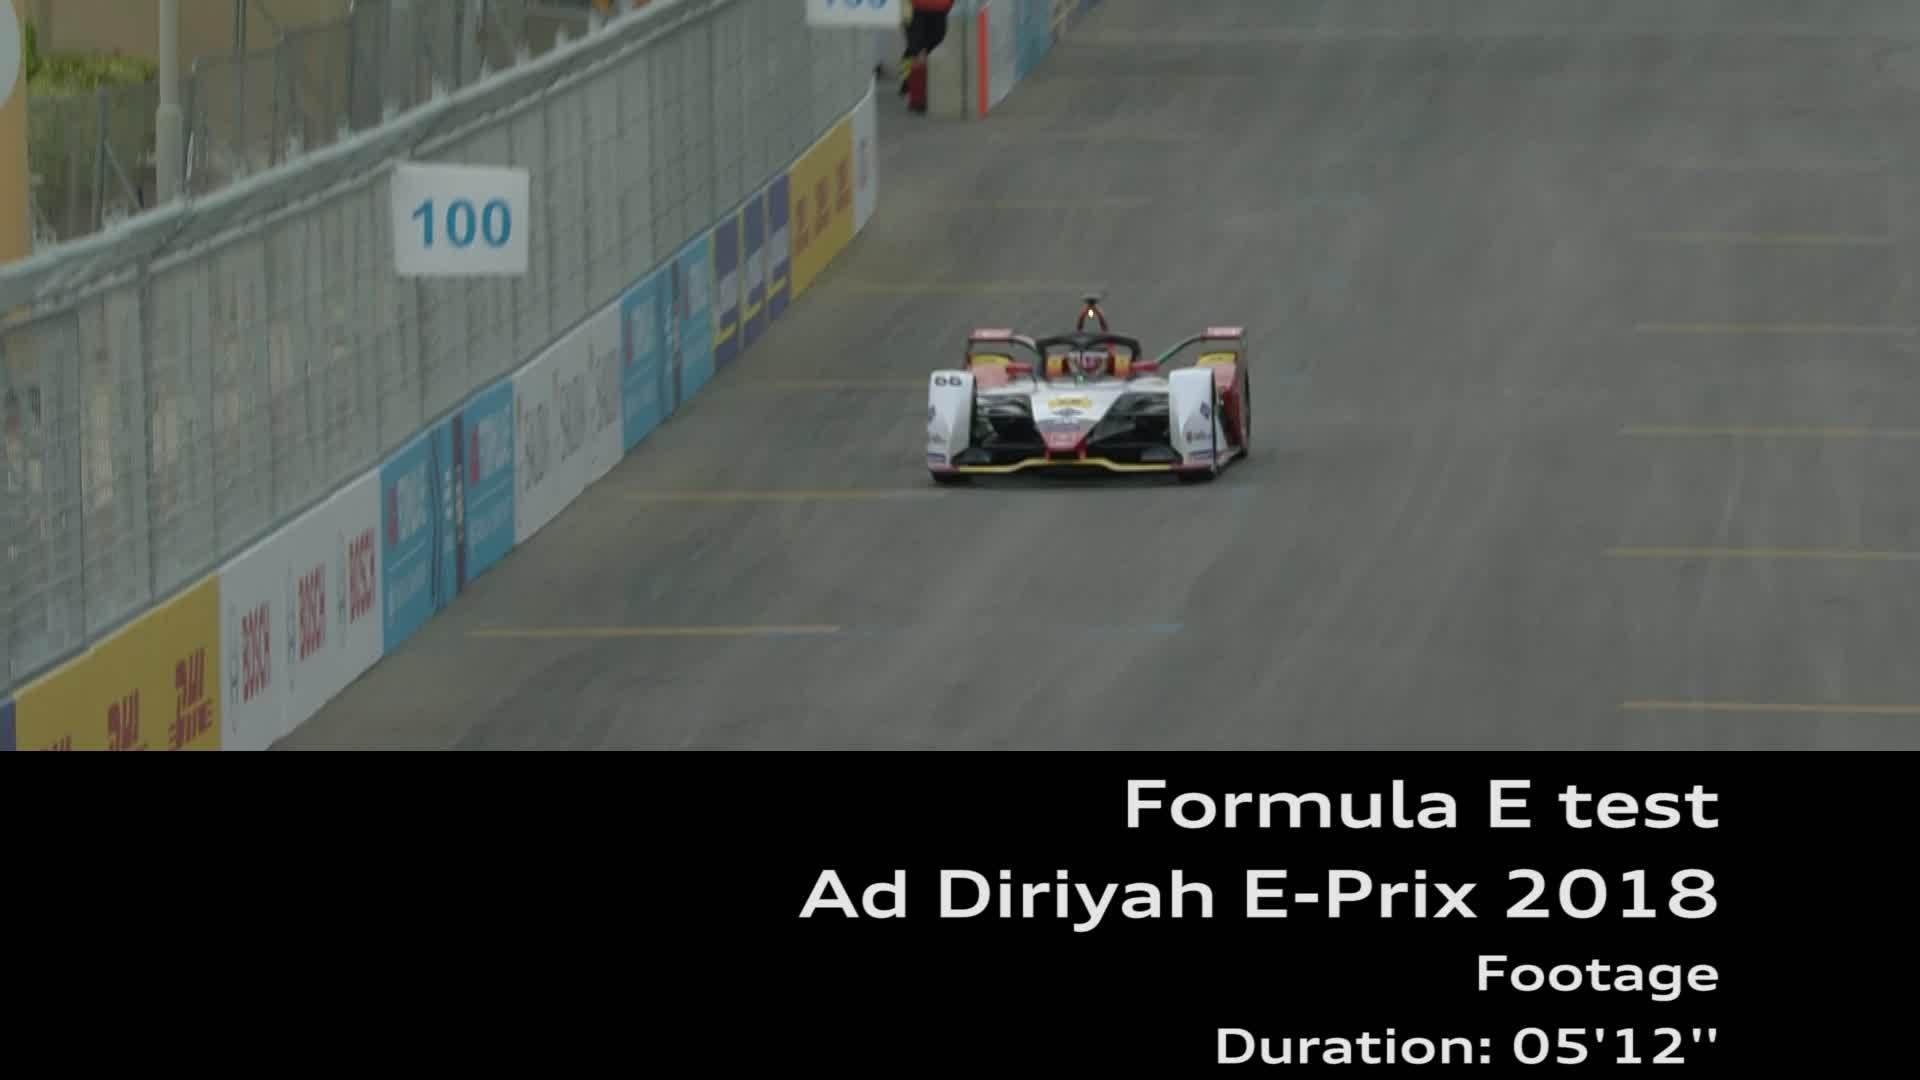 Footage Formel E test Ad Diriyah E-Prix 2018